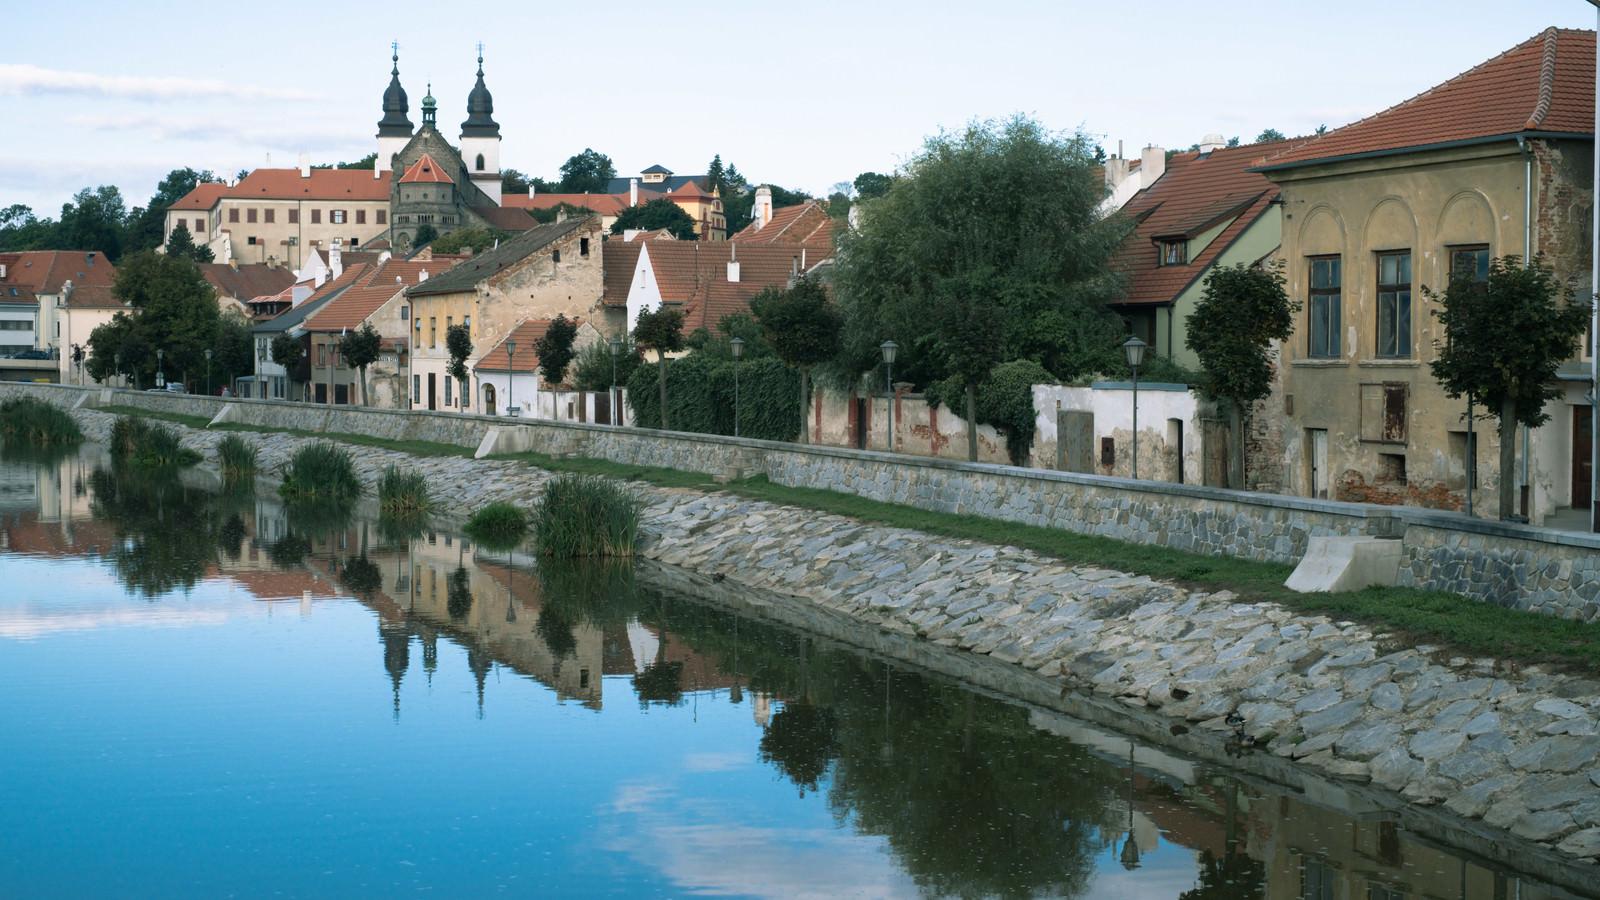 「イフラヴァ川に反射するトルシェビーチ市の町並み(チェコ共和国)」の写真